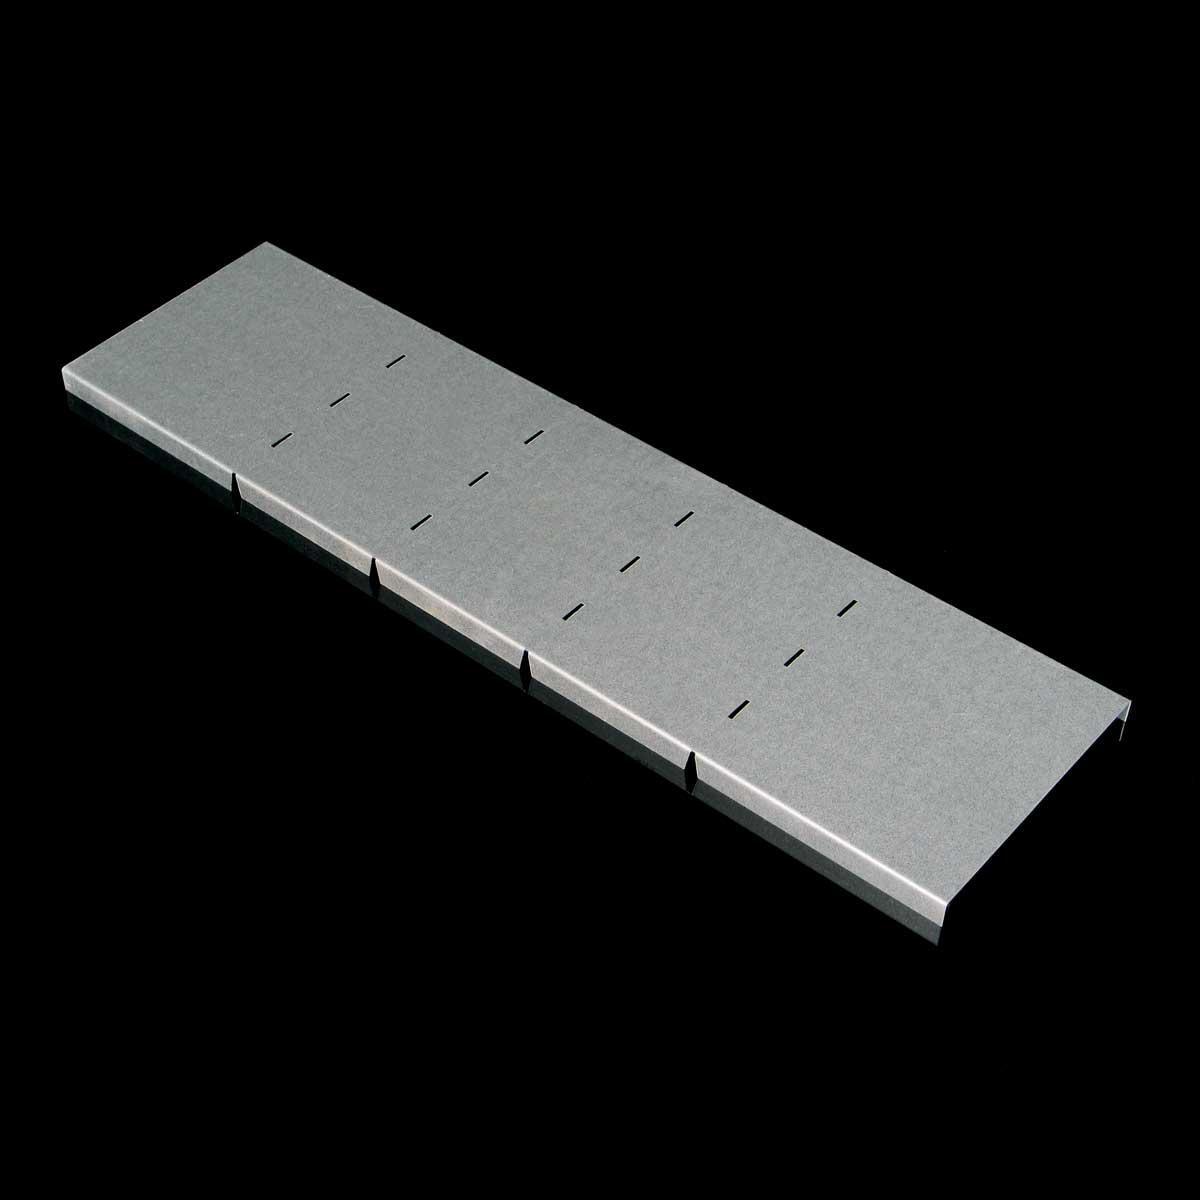 Кришка вертикального повороту зовнішнього 90° JUPITER; розміри-35x400x220mm Товщ. метал-1 Вага-0,97кг/м